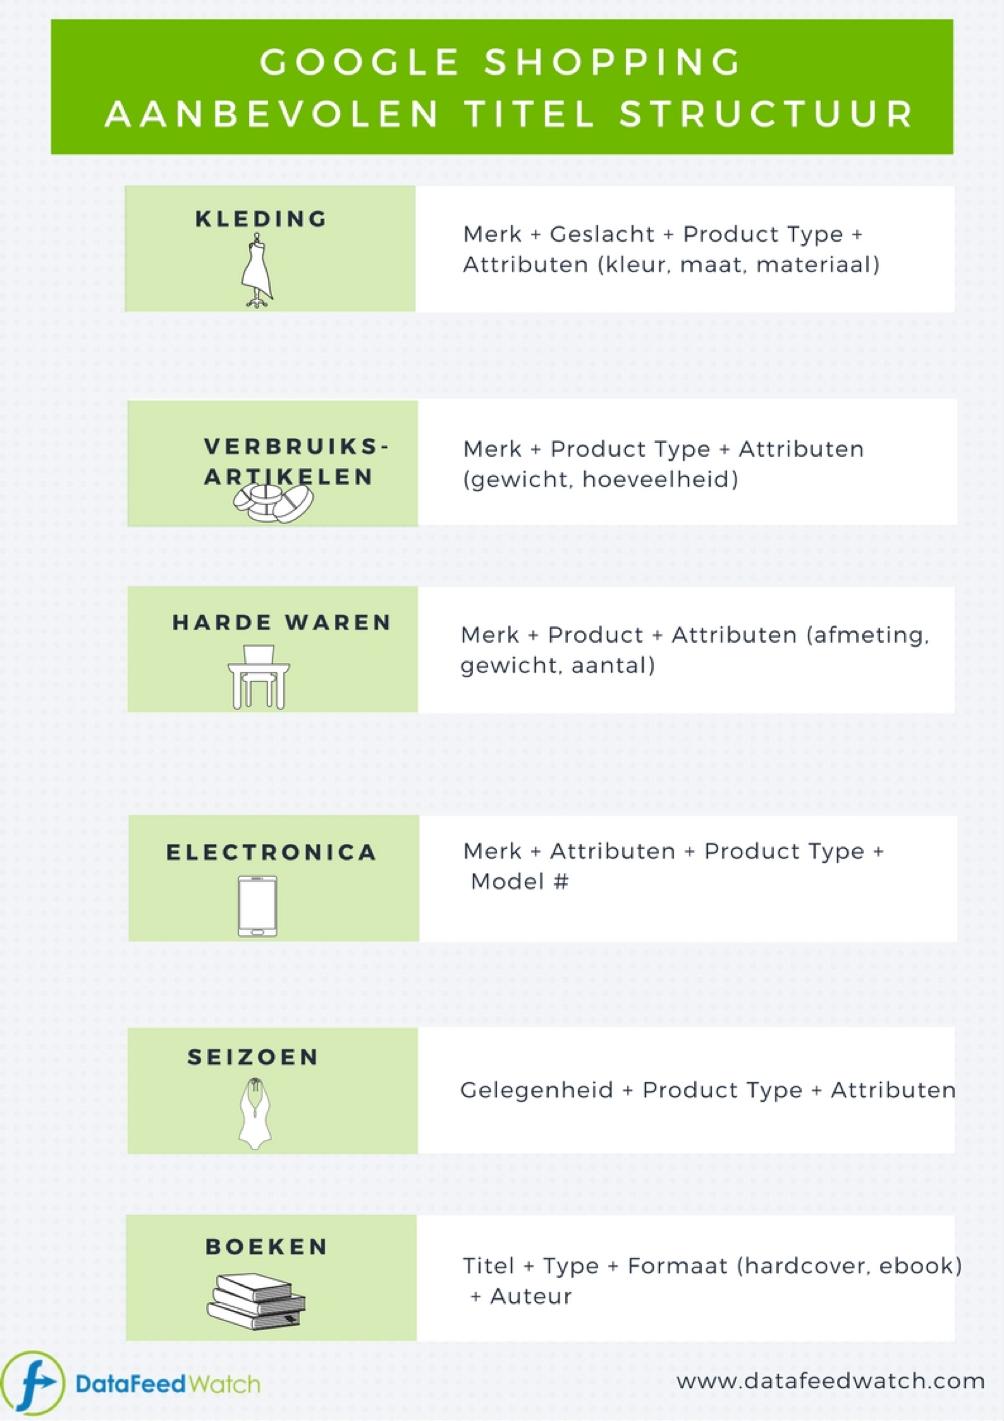 aanbevolen-titel-structuur-google-shopping